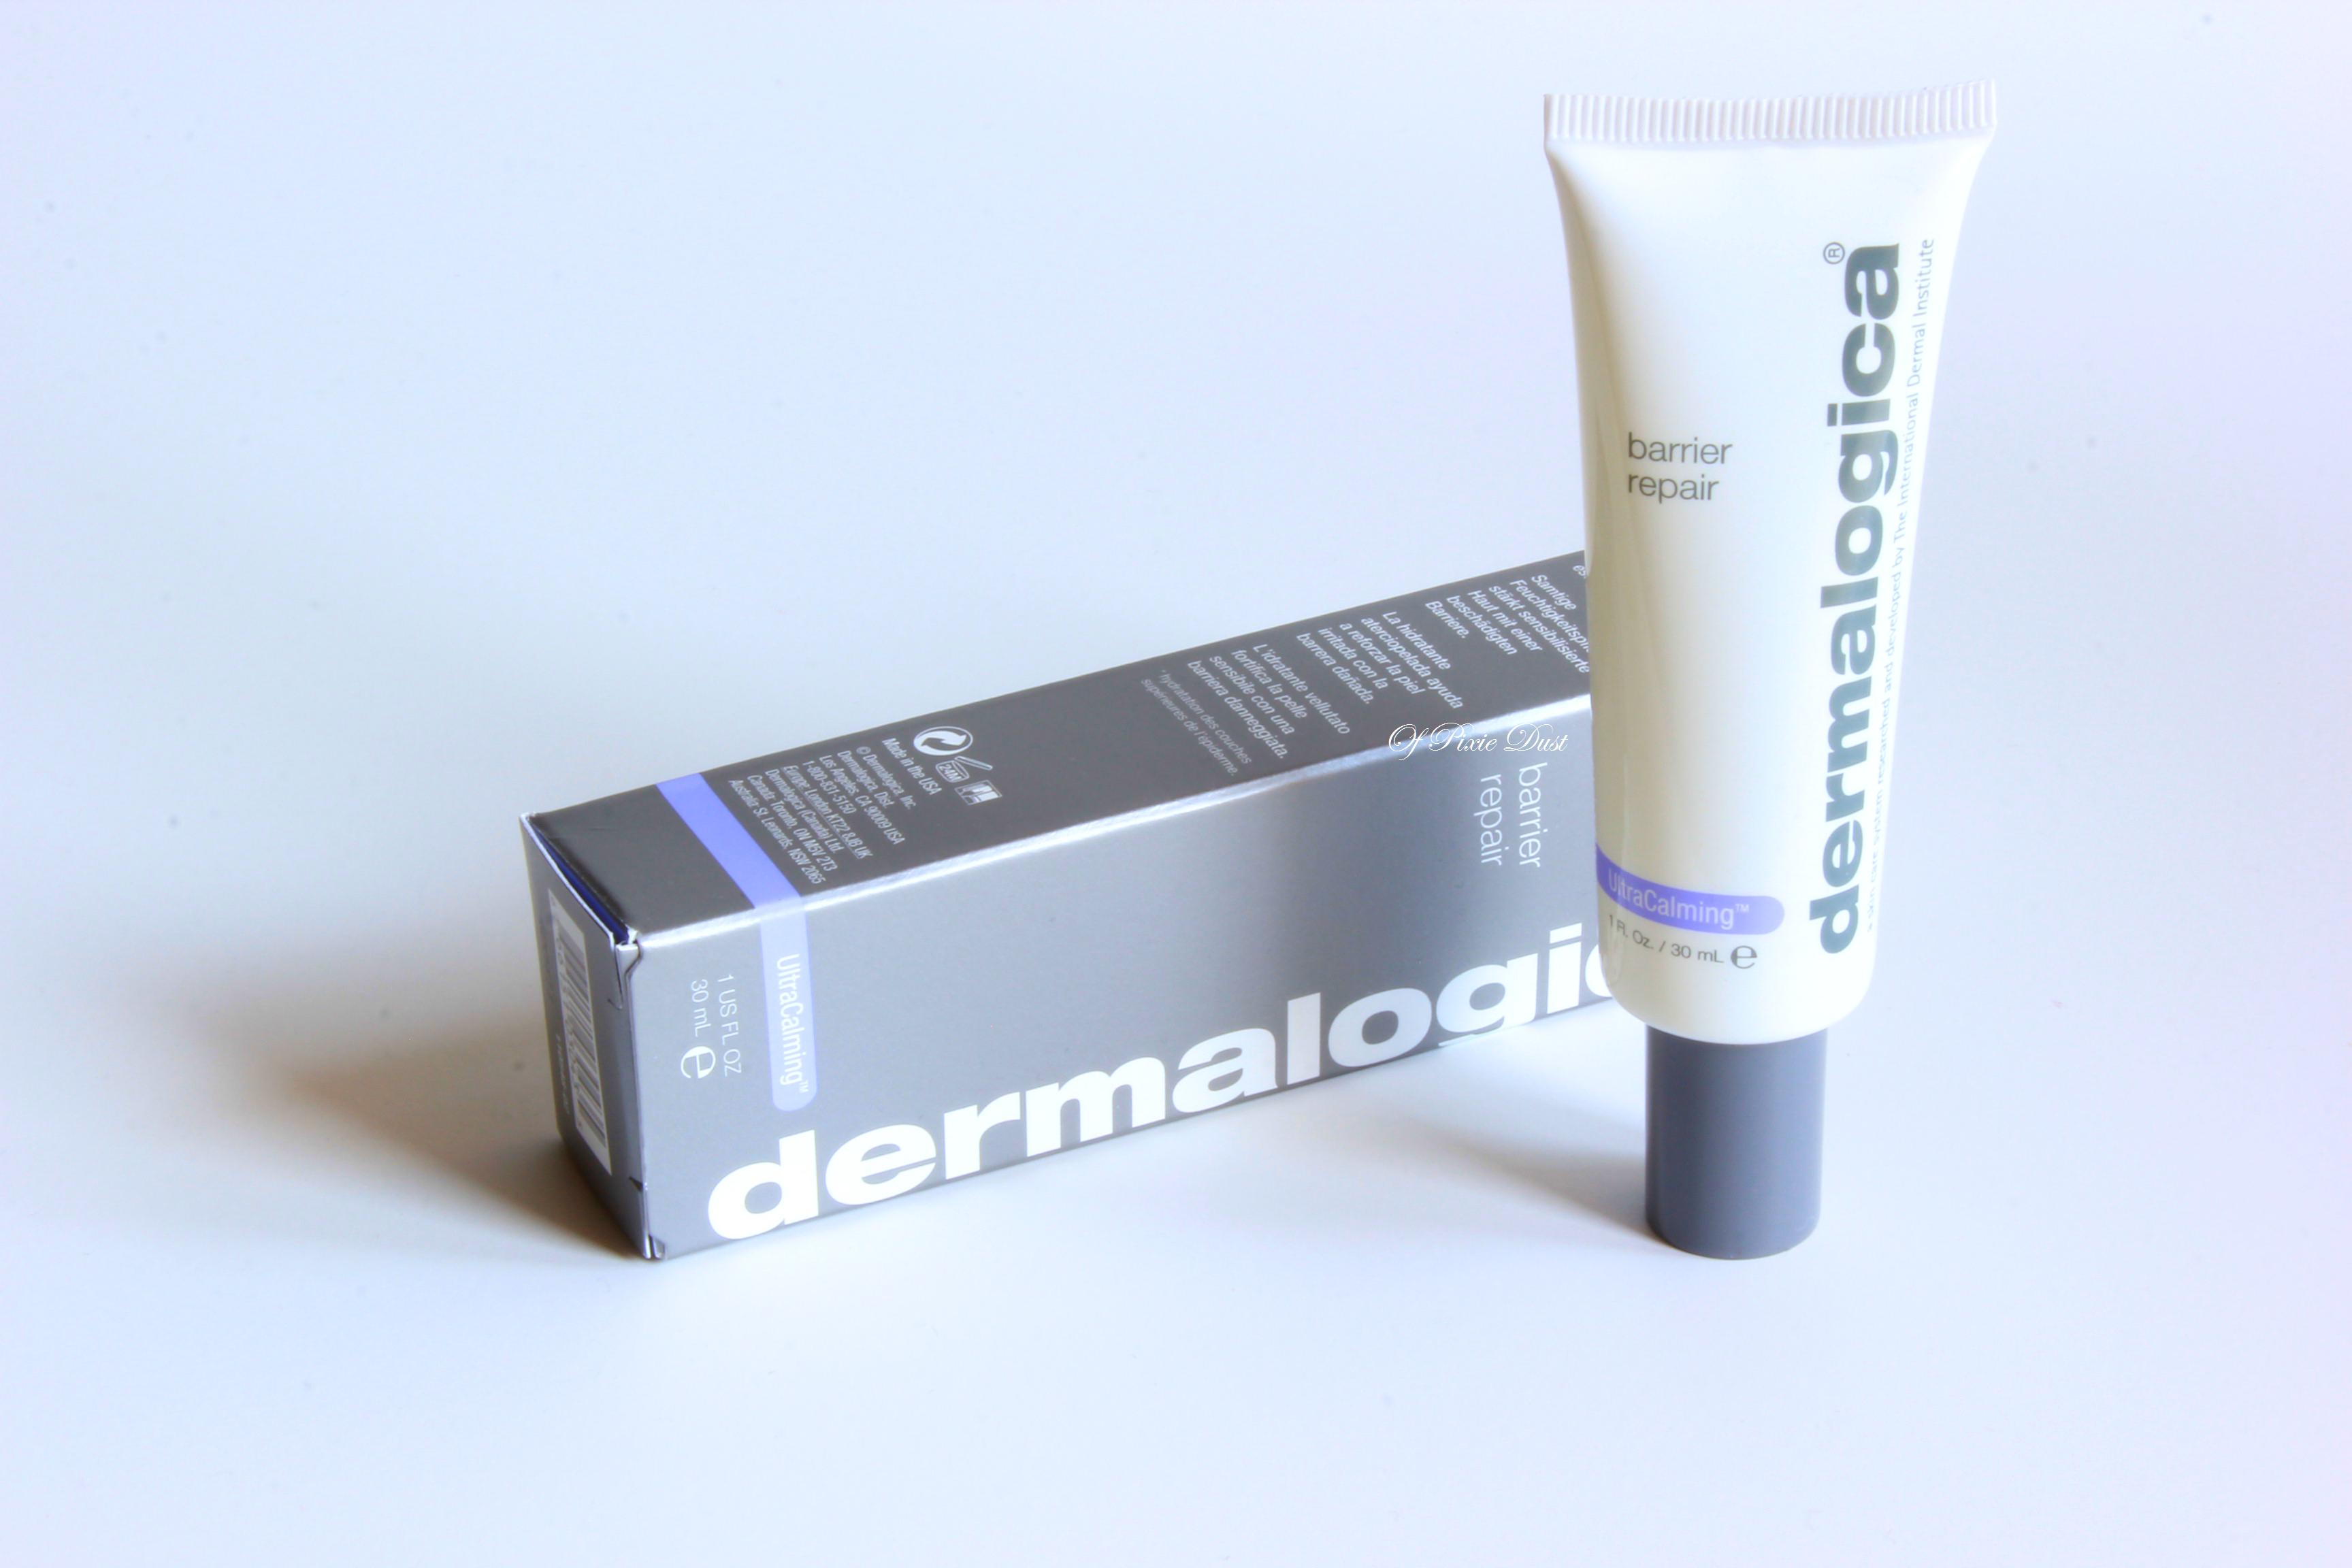 Dermalogica Barrier Repair là mỹ phẩm cho da có tác dụng dưỡng ẩm và bảo vệ da